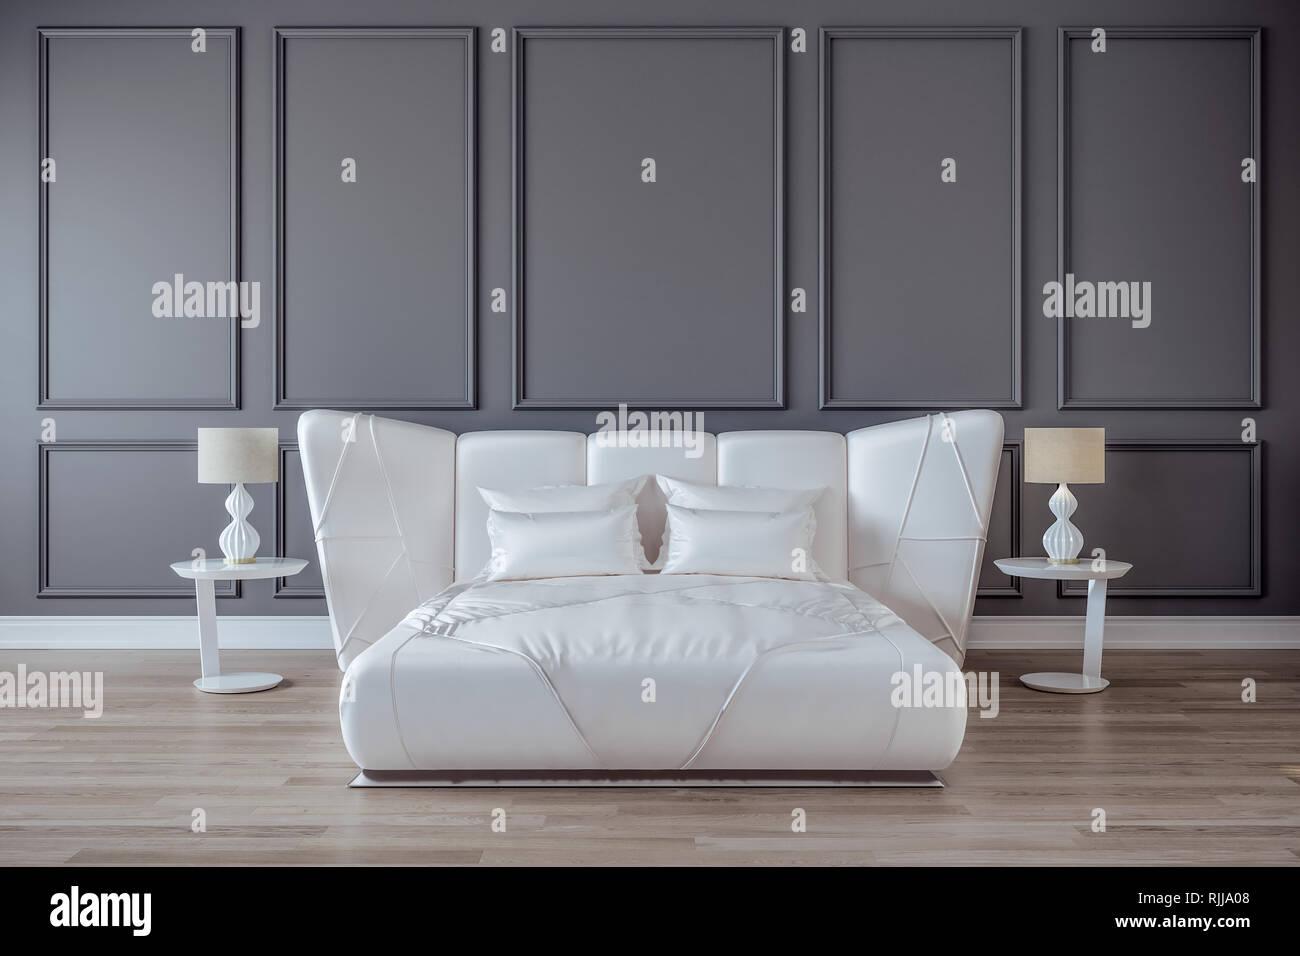 Modernes Schlafzimmer design interieur, White Satin Bett, graue Wand ...